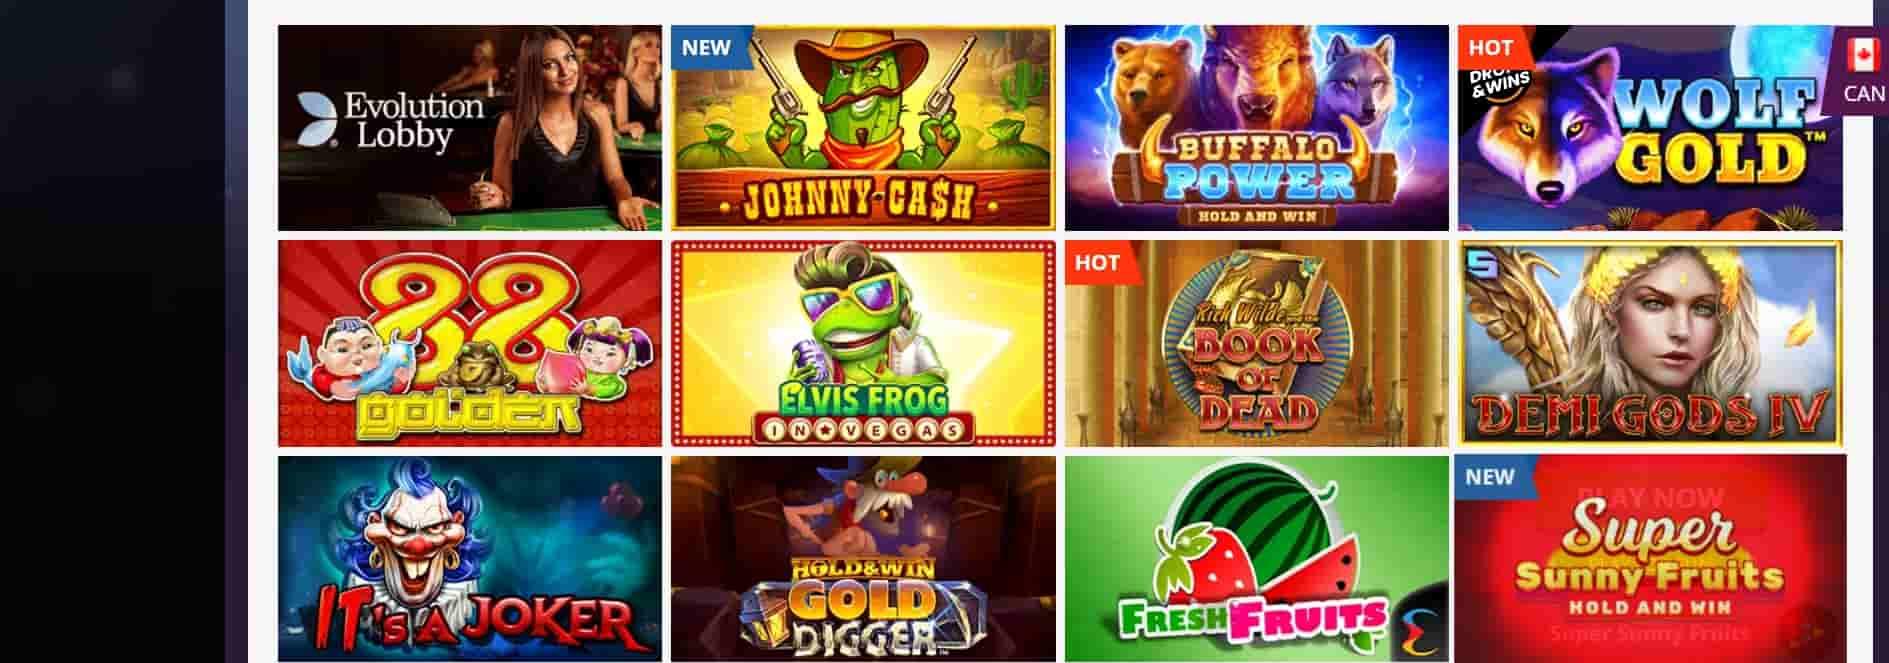 casino playamo best slots